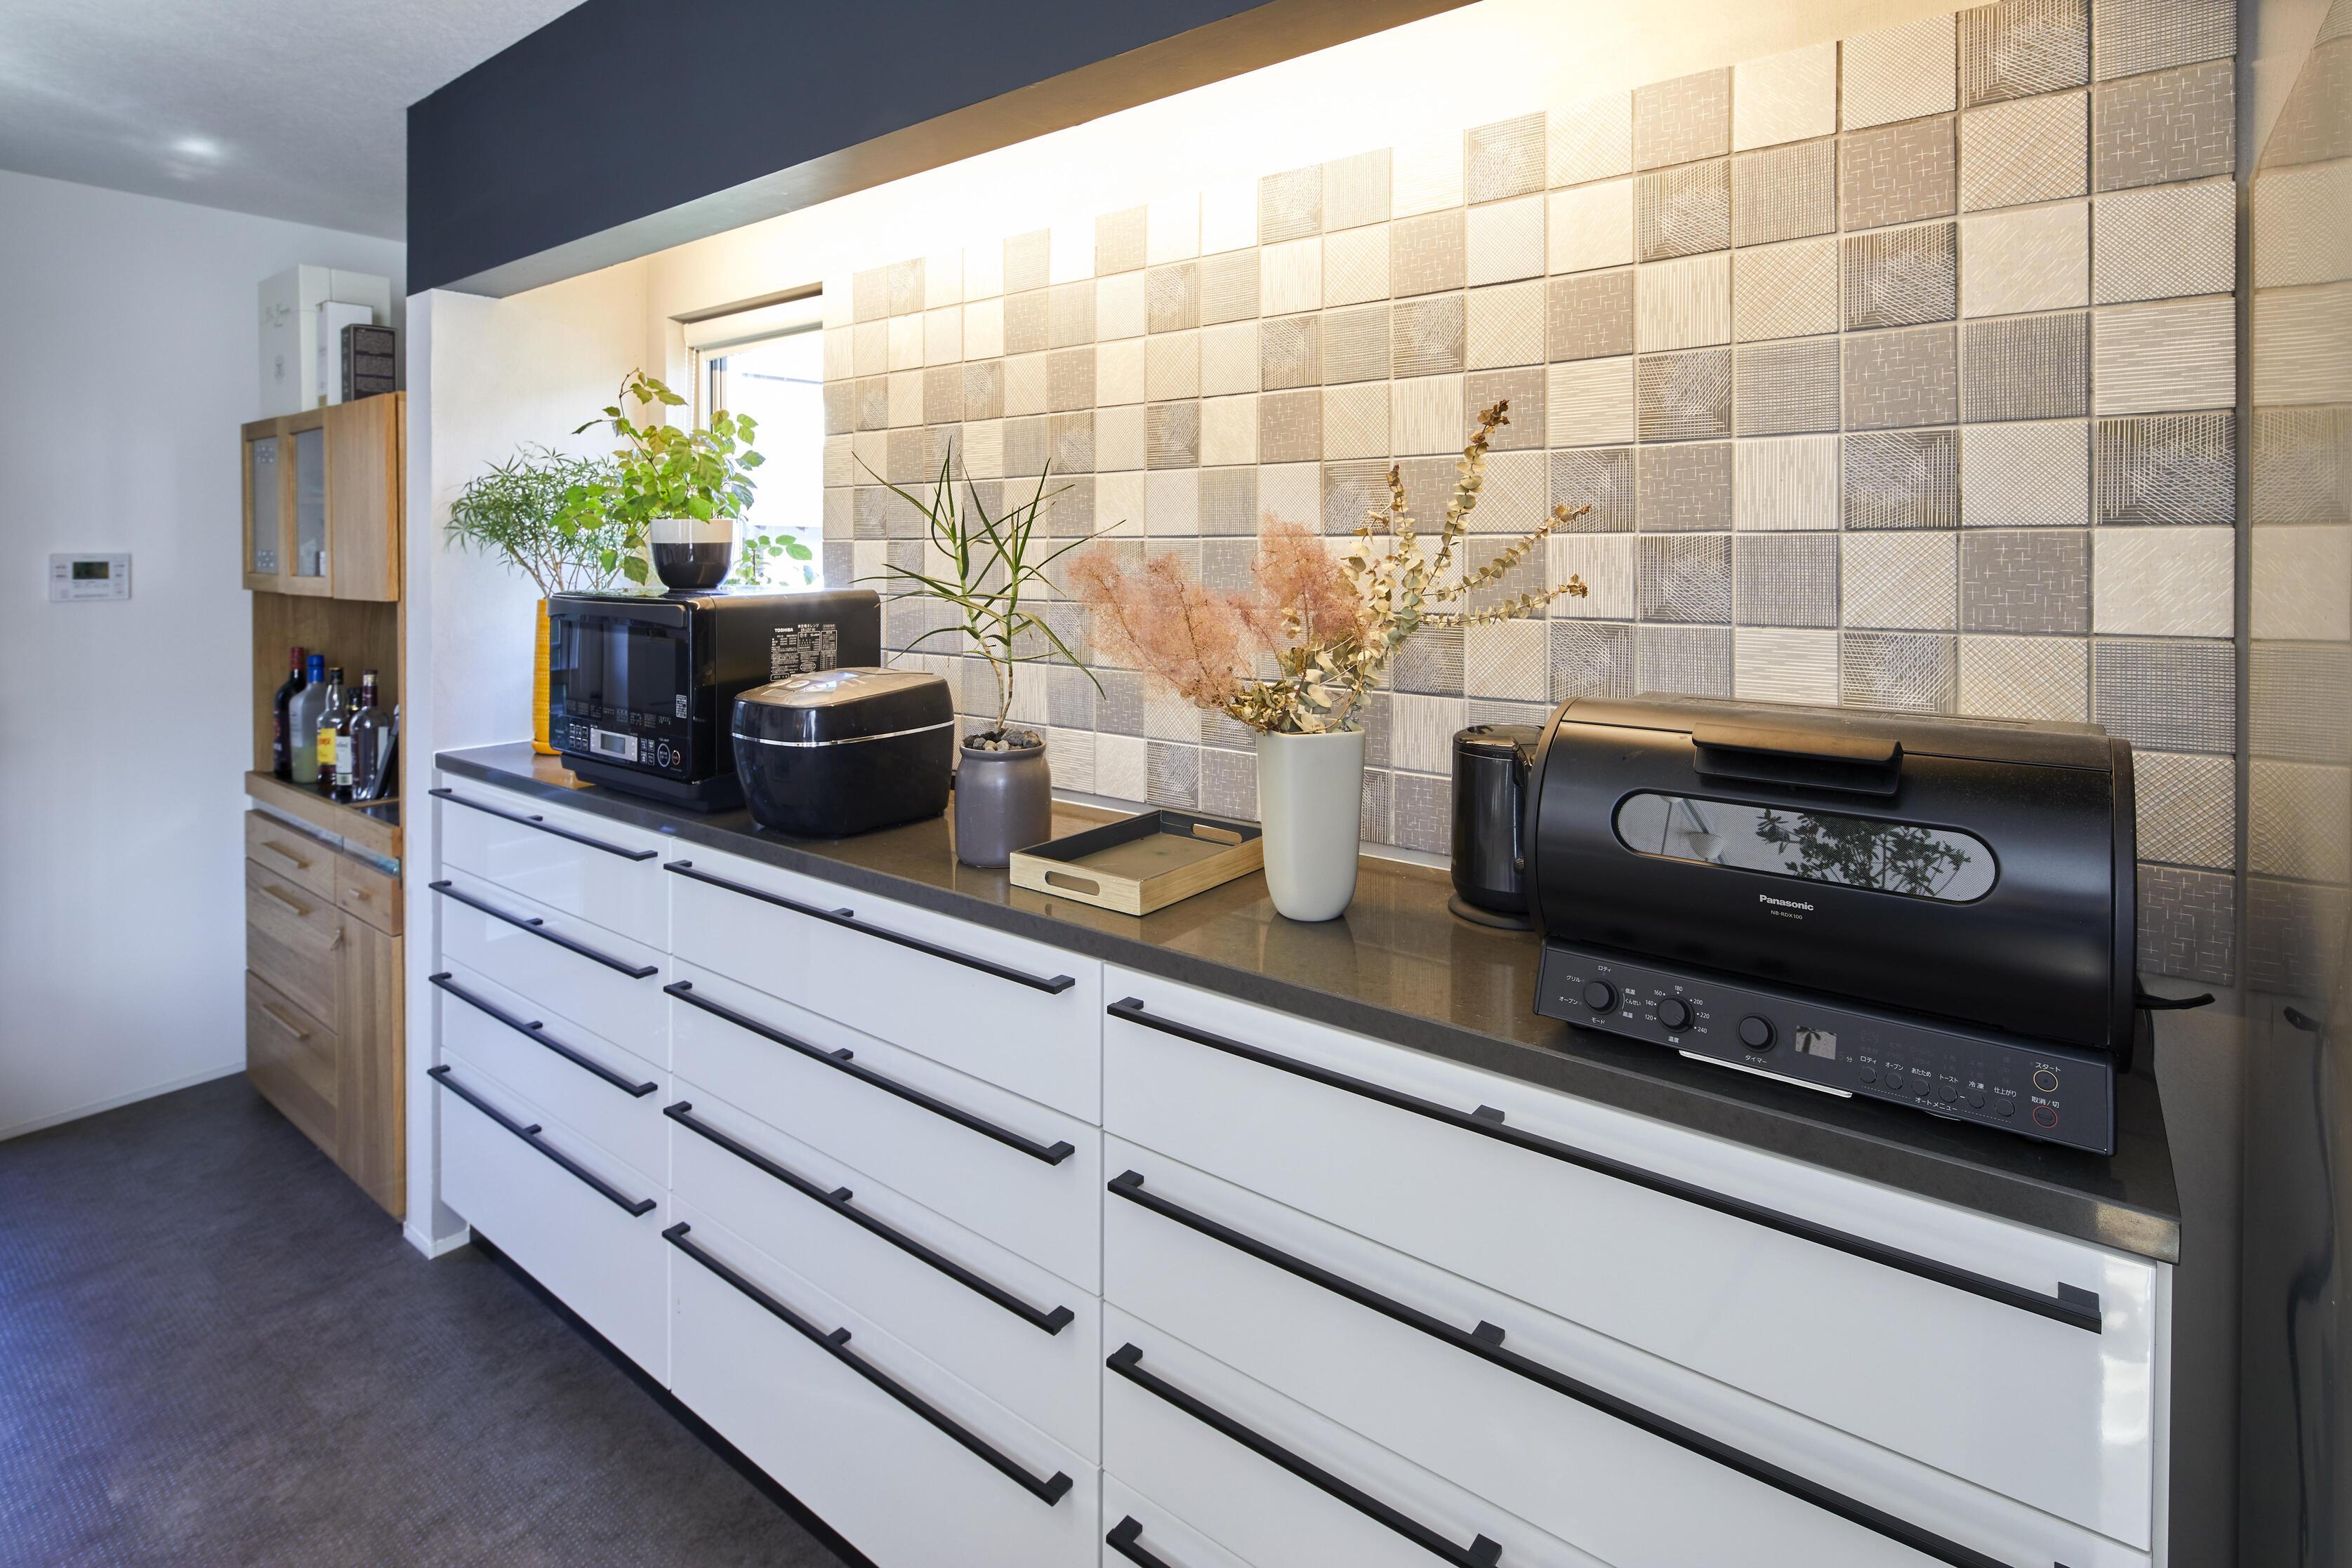 キッチンの背面にはインガセンぺのモダンタイルと間接照明をあしらいシックな仕上がりに。キッチンの奥にはパントリーも設計している